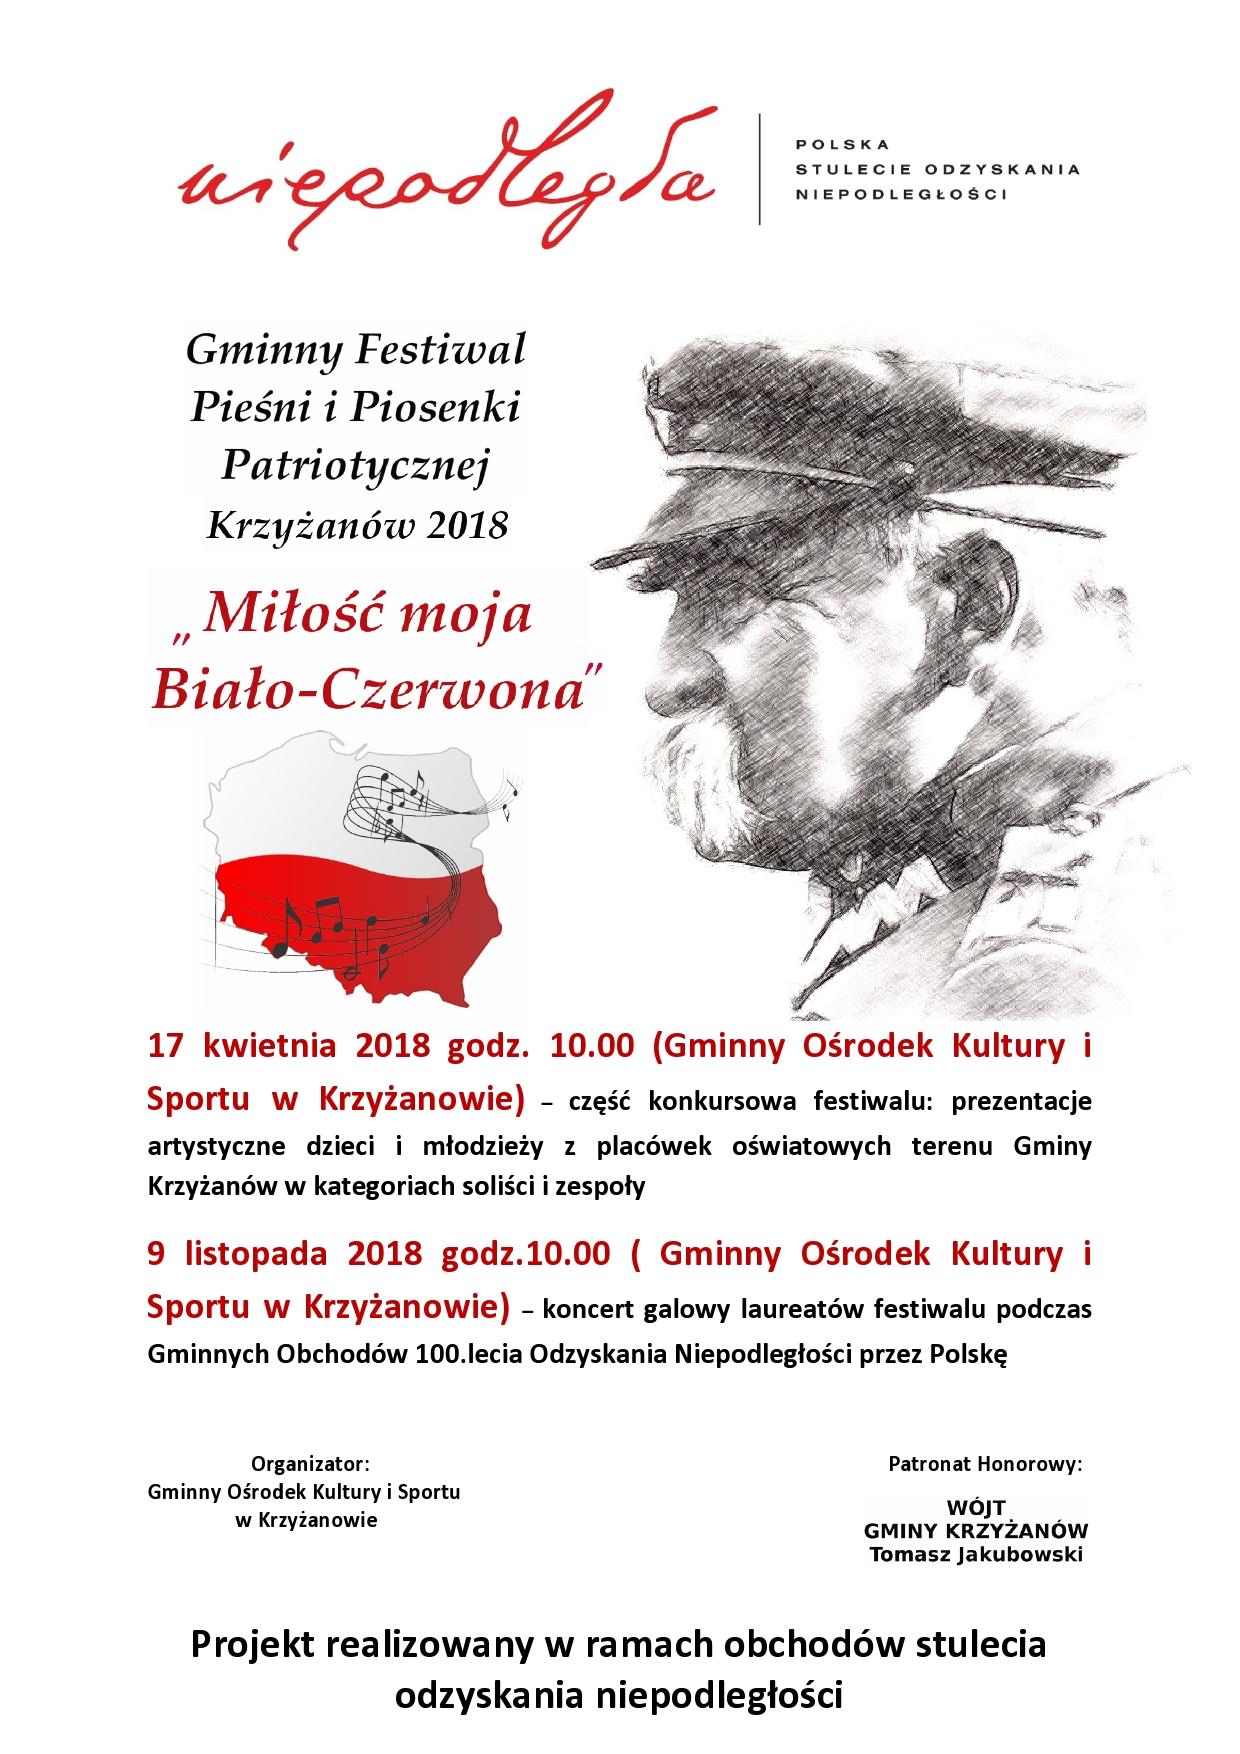 plakat z Piłsudskim